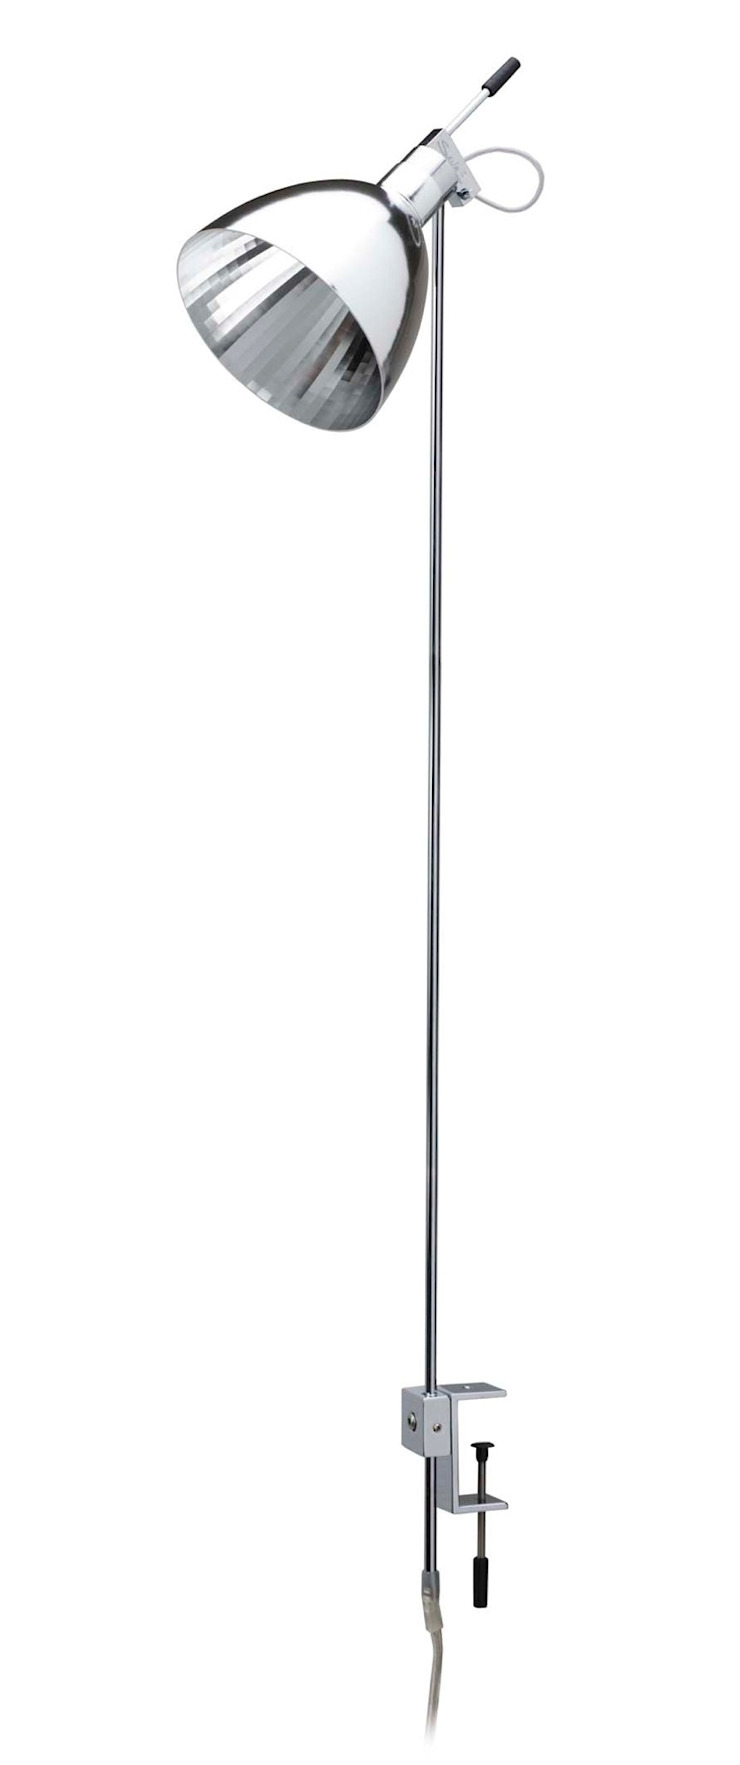 Mini Clamp von EDF S. Skrget